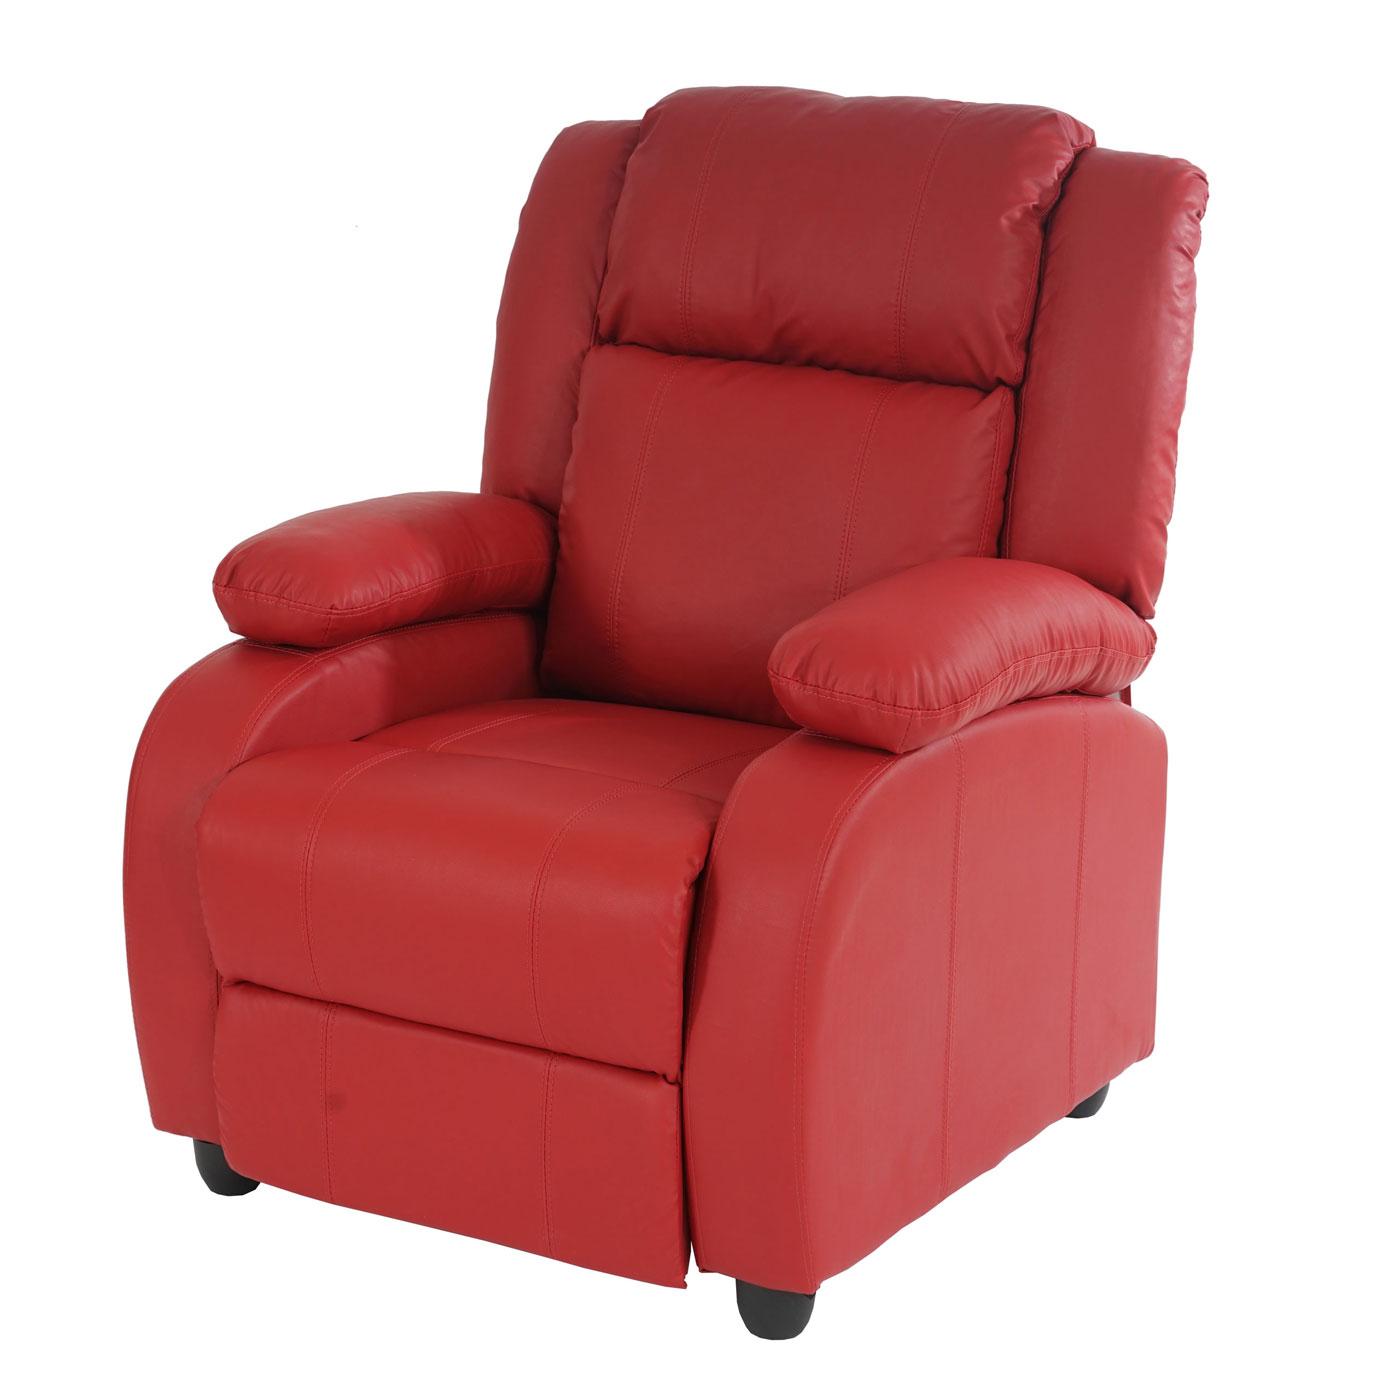 fernsehsessel relaxsessel liege lincoln kunstleder schwarz coffee rot creme ebay. Black Bedroom Furniture Sets. Home Design Ideas